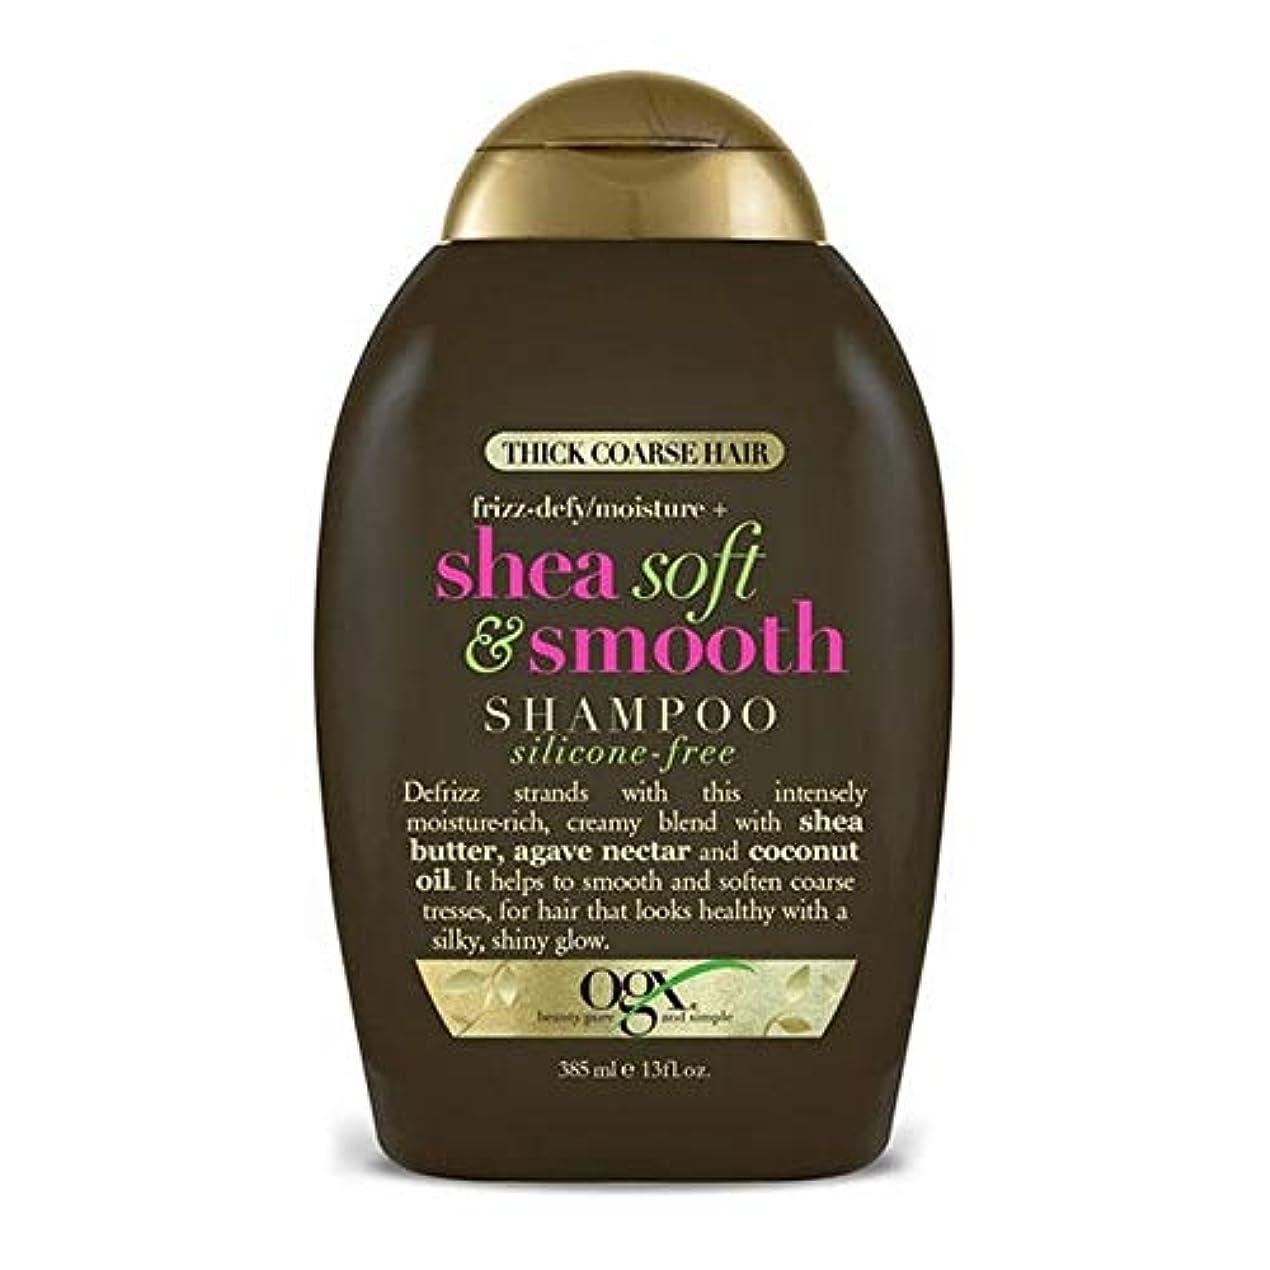 晩餐通行人スタウト[Ogx] Ogxシリコンフリーシアソフトで滑らかなシャンプー385ミリリットル - OGX Silicone-Free Shea Soft and Smooth Shampoo 385ml [並行輸入品]